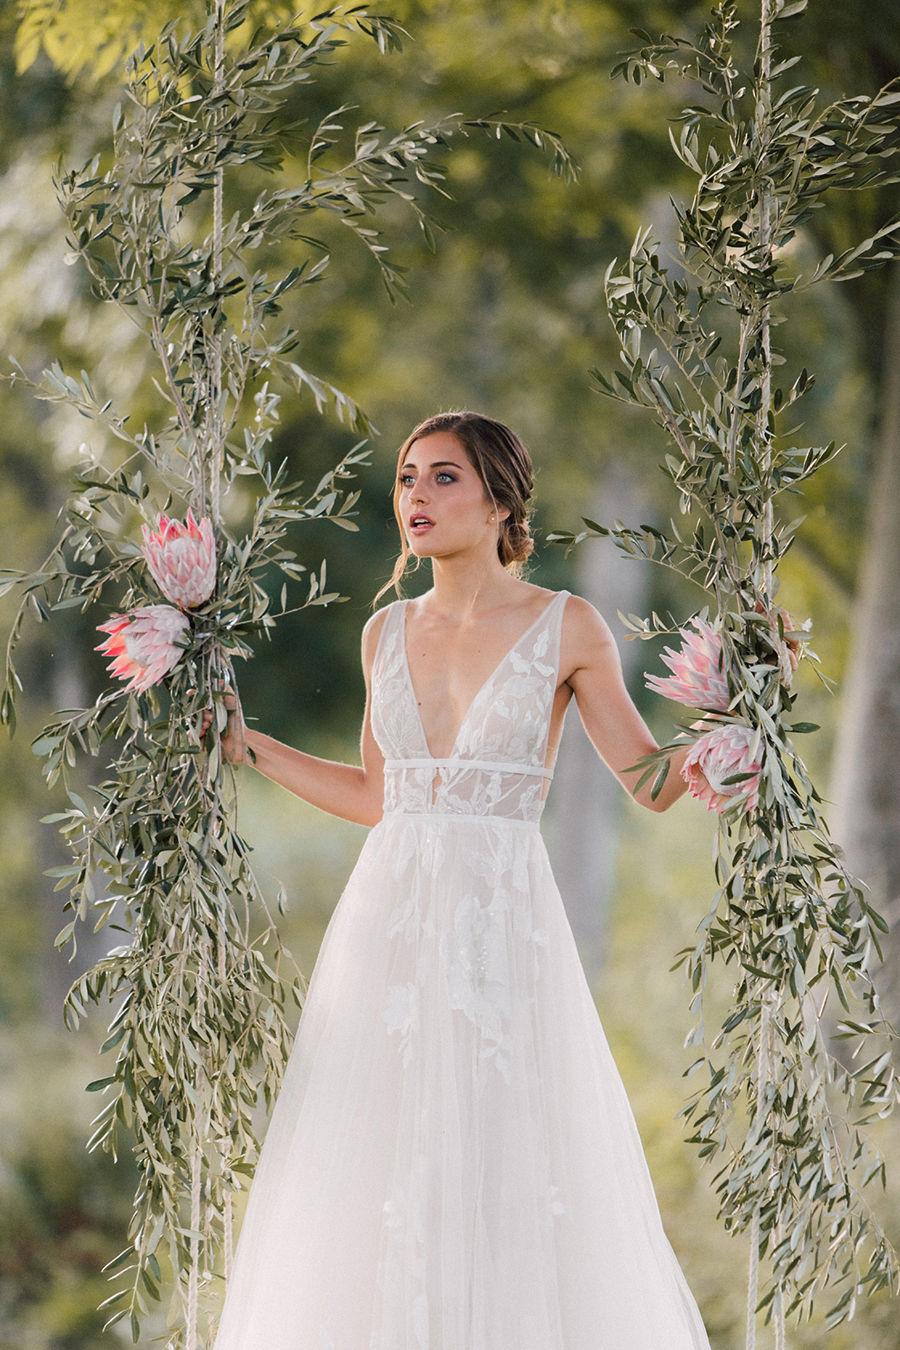 Die Kaltmühle für die Hochzeitsinspiration